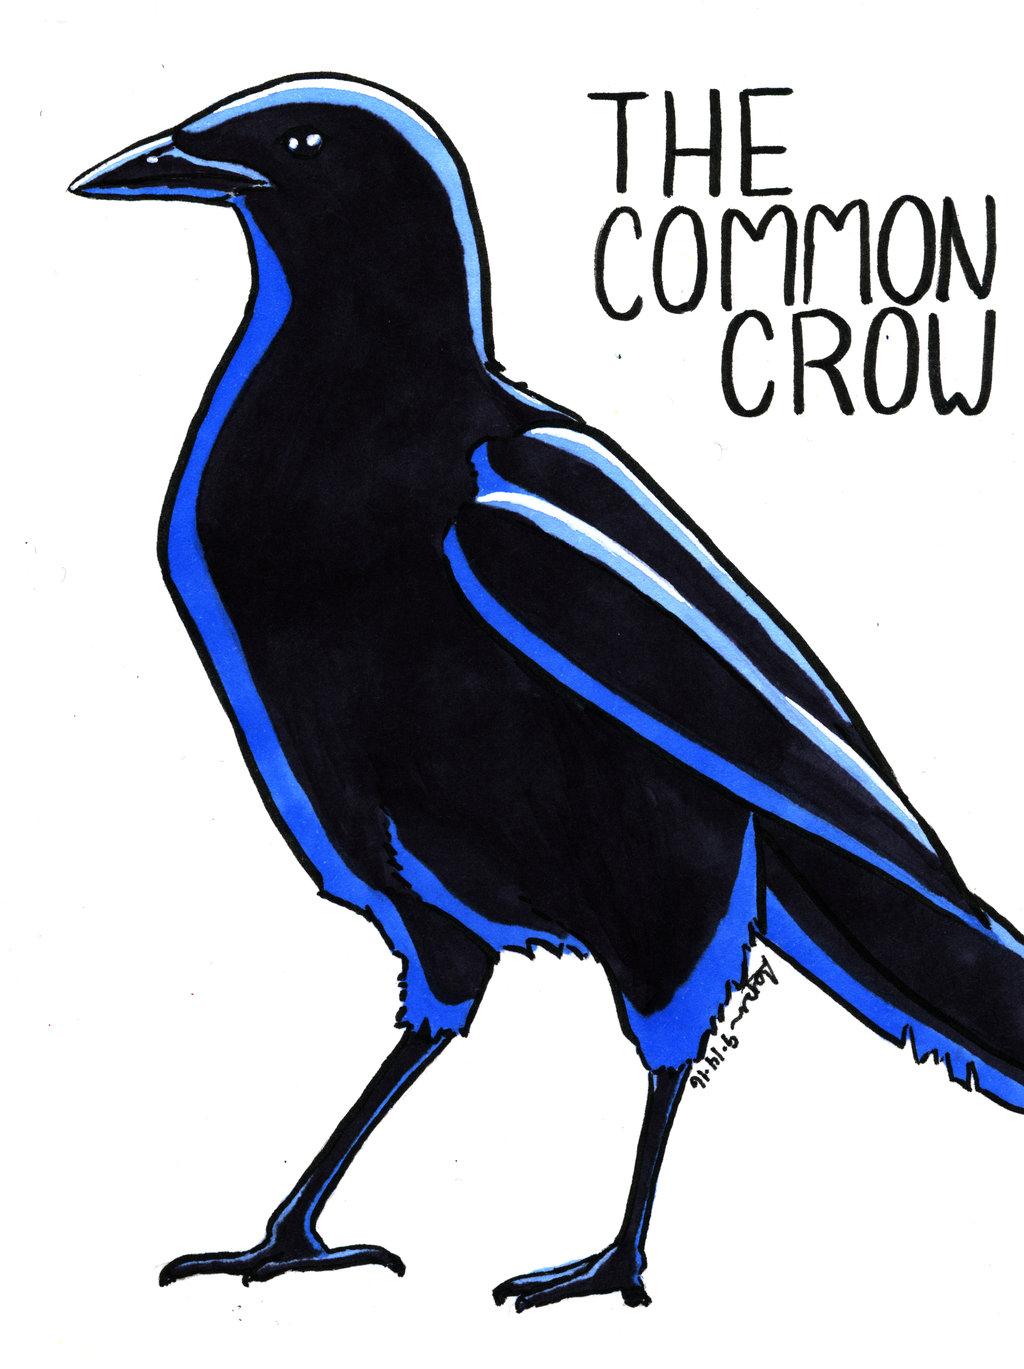 The Common Crow by imaprettykittykat on DeviantArt.